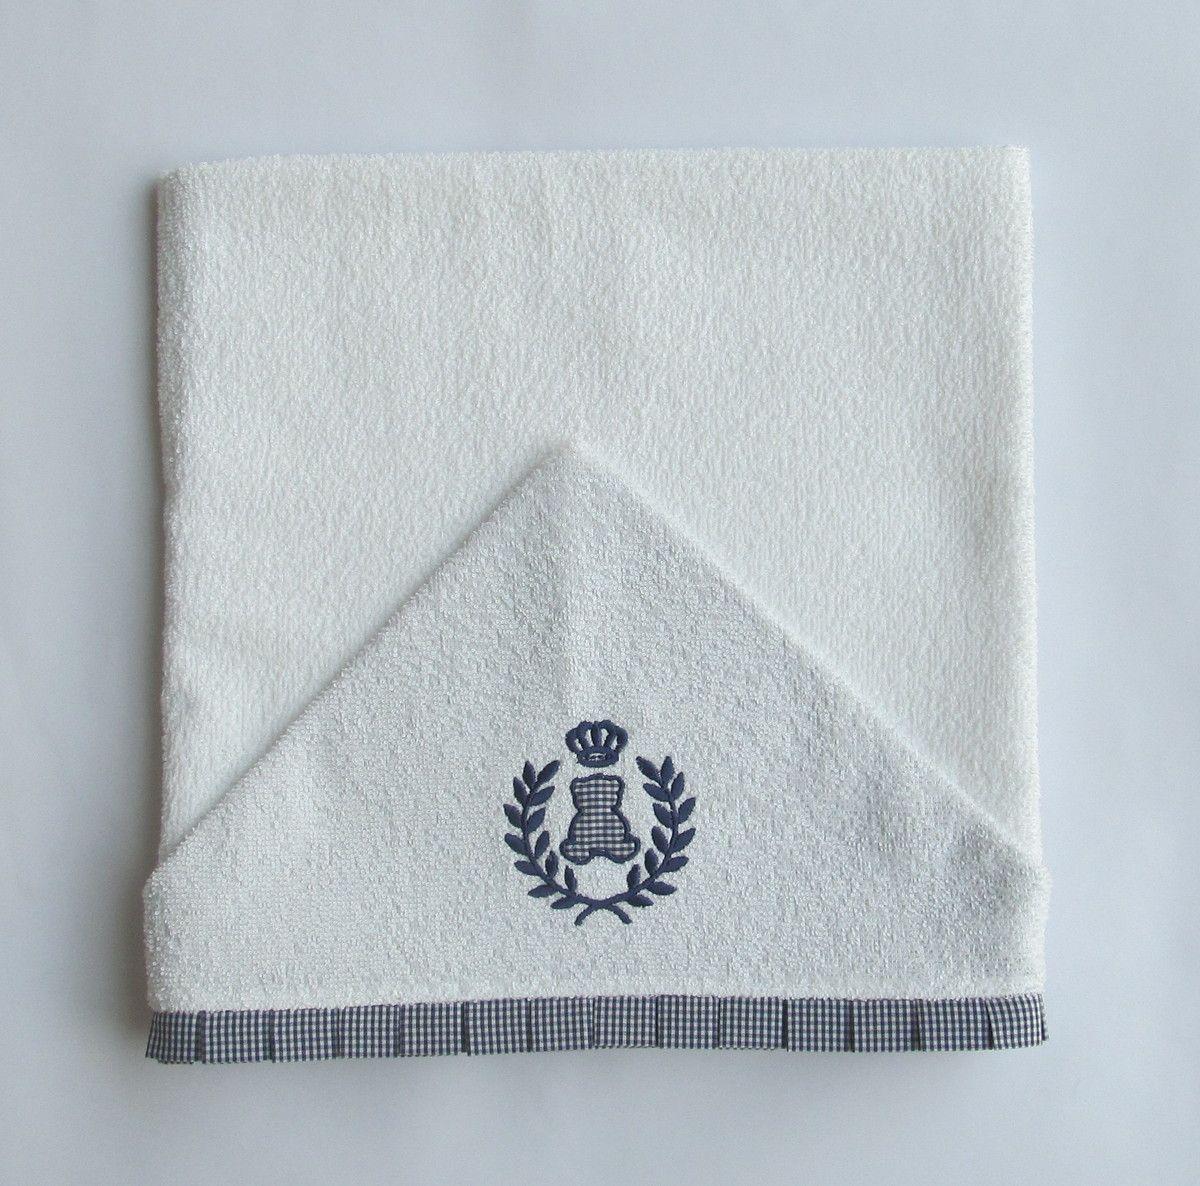 Toalha de banho para bebê.  Capuz bordado à máquina e forrado com tecido 100% algodão, sendo o mesmo usado para viés.  Disponível em outras cores e desenhos.